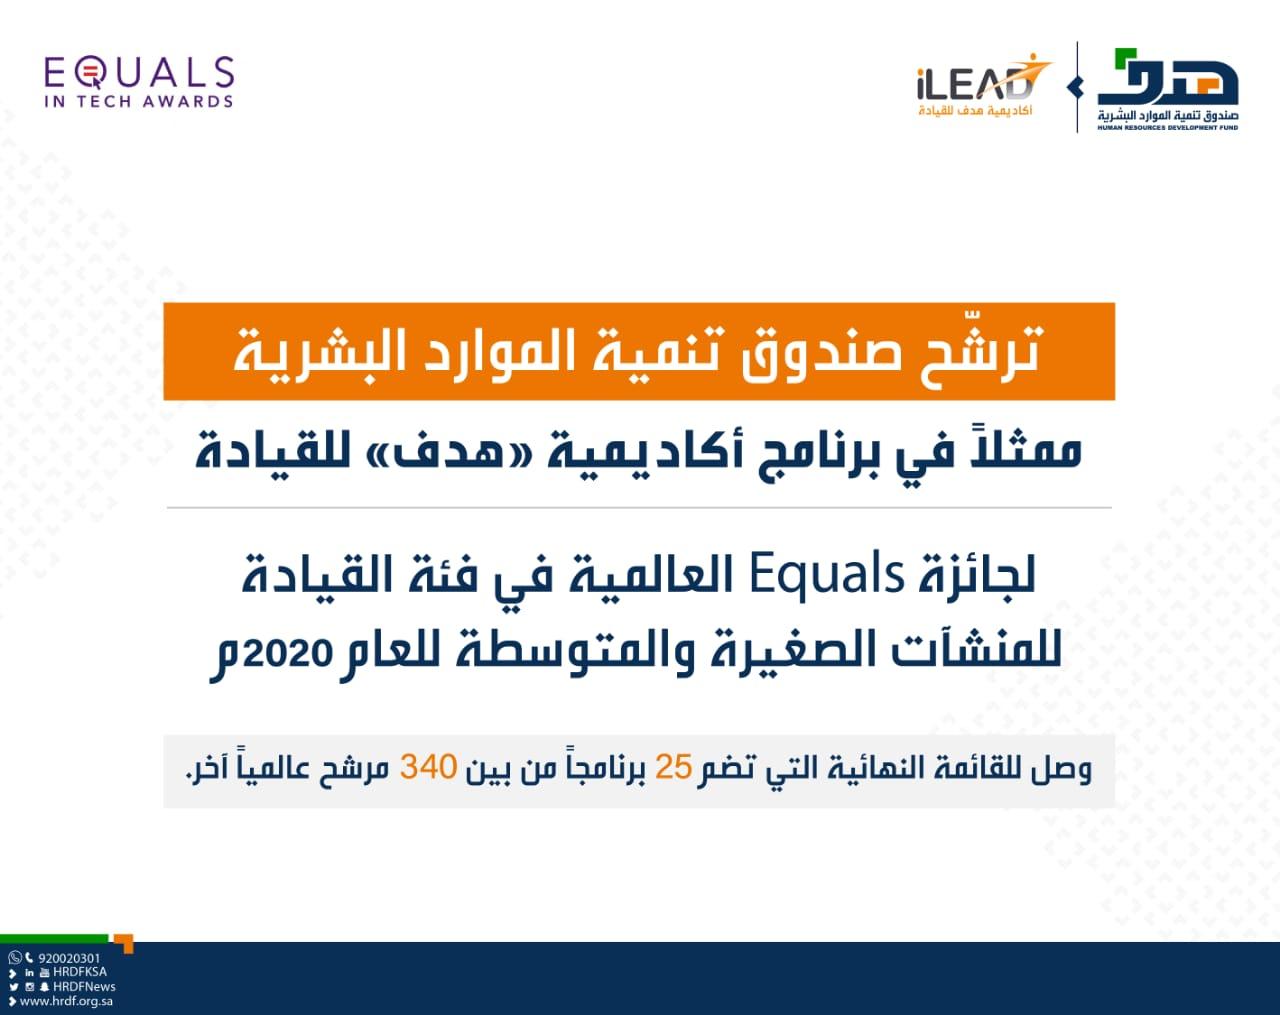 صندوق تنمية الموارد البشرية يترشح لجائزةEqualsالعالمية في فئة القيادة للمنشآت الصغيرة والمتوسطة